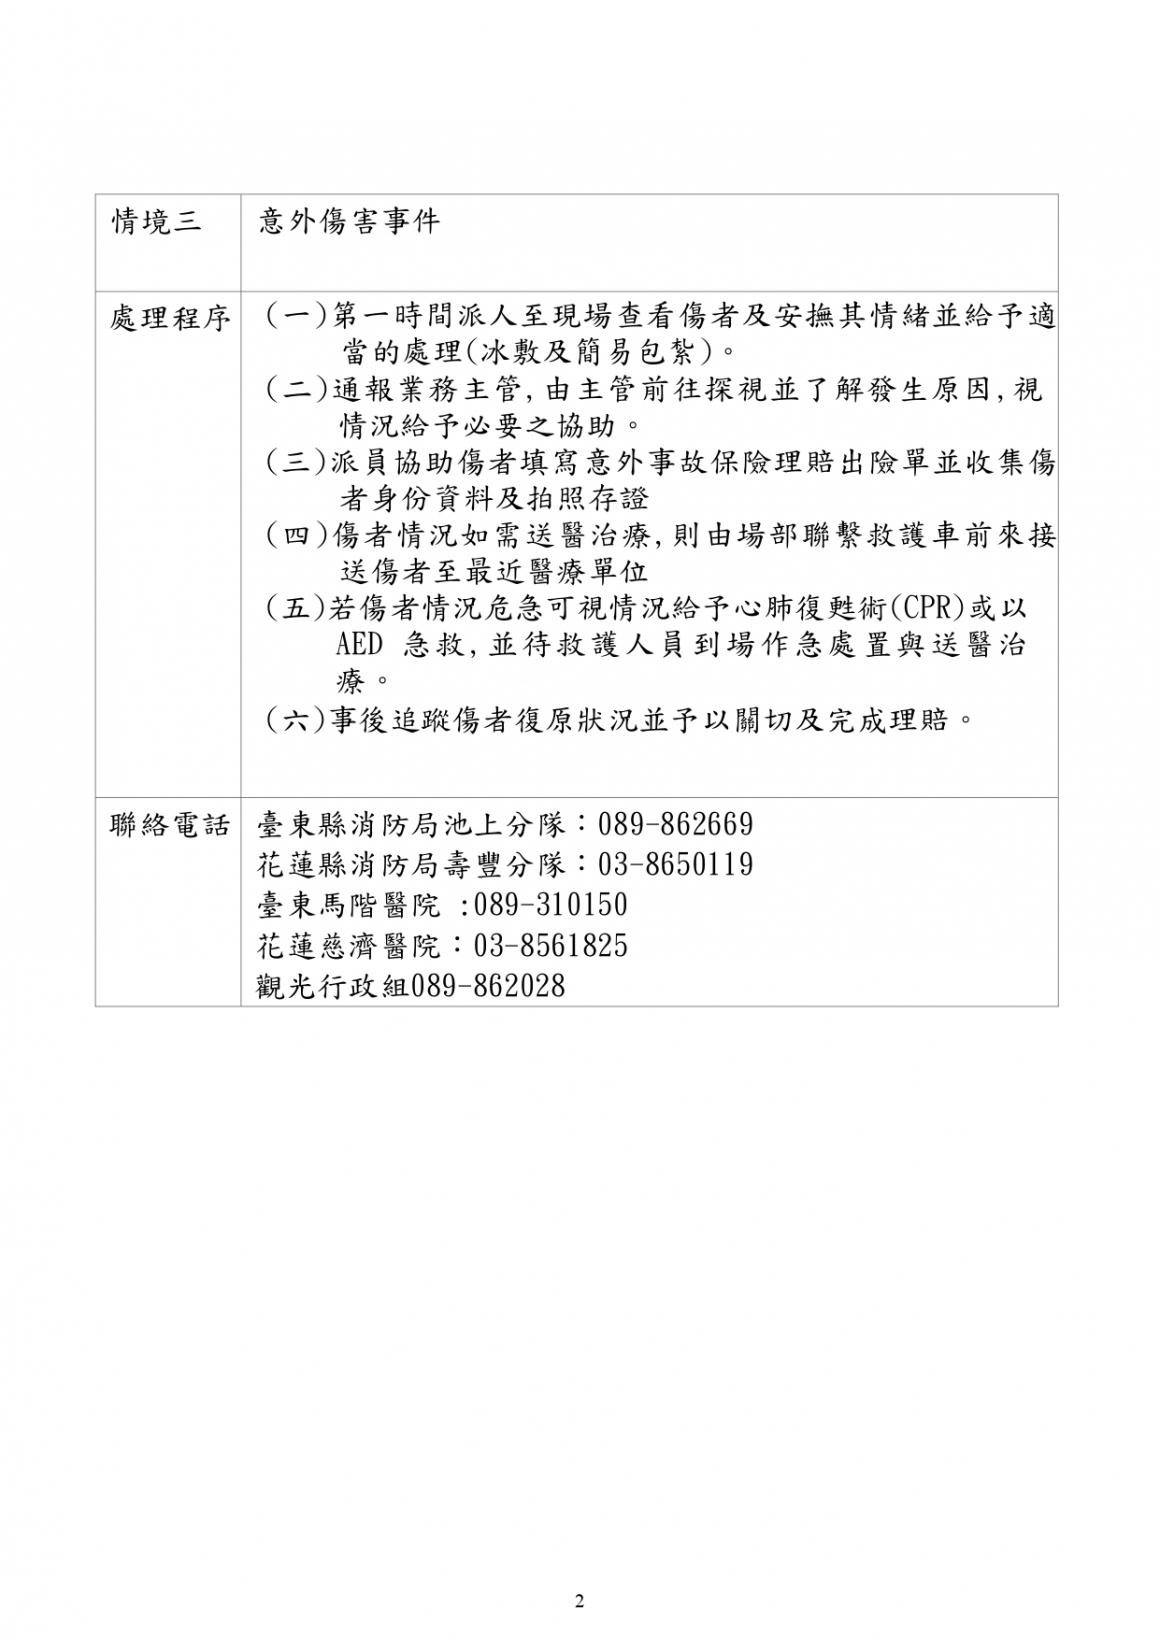 臺東農場應變程序正式版_page-0002